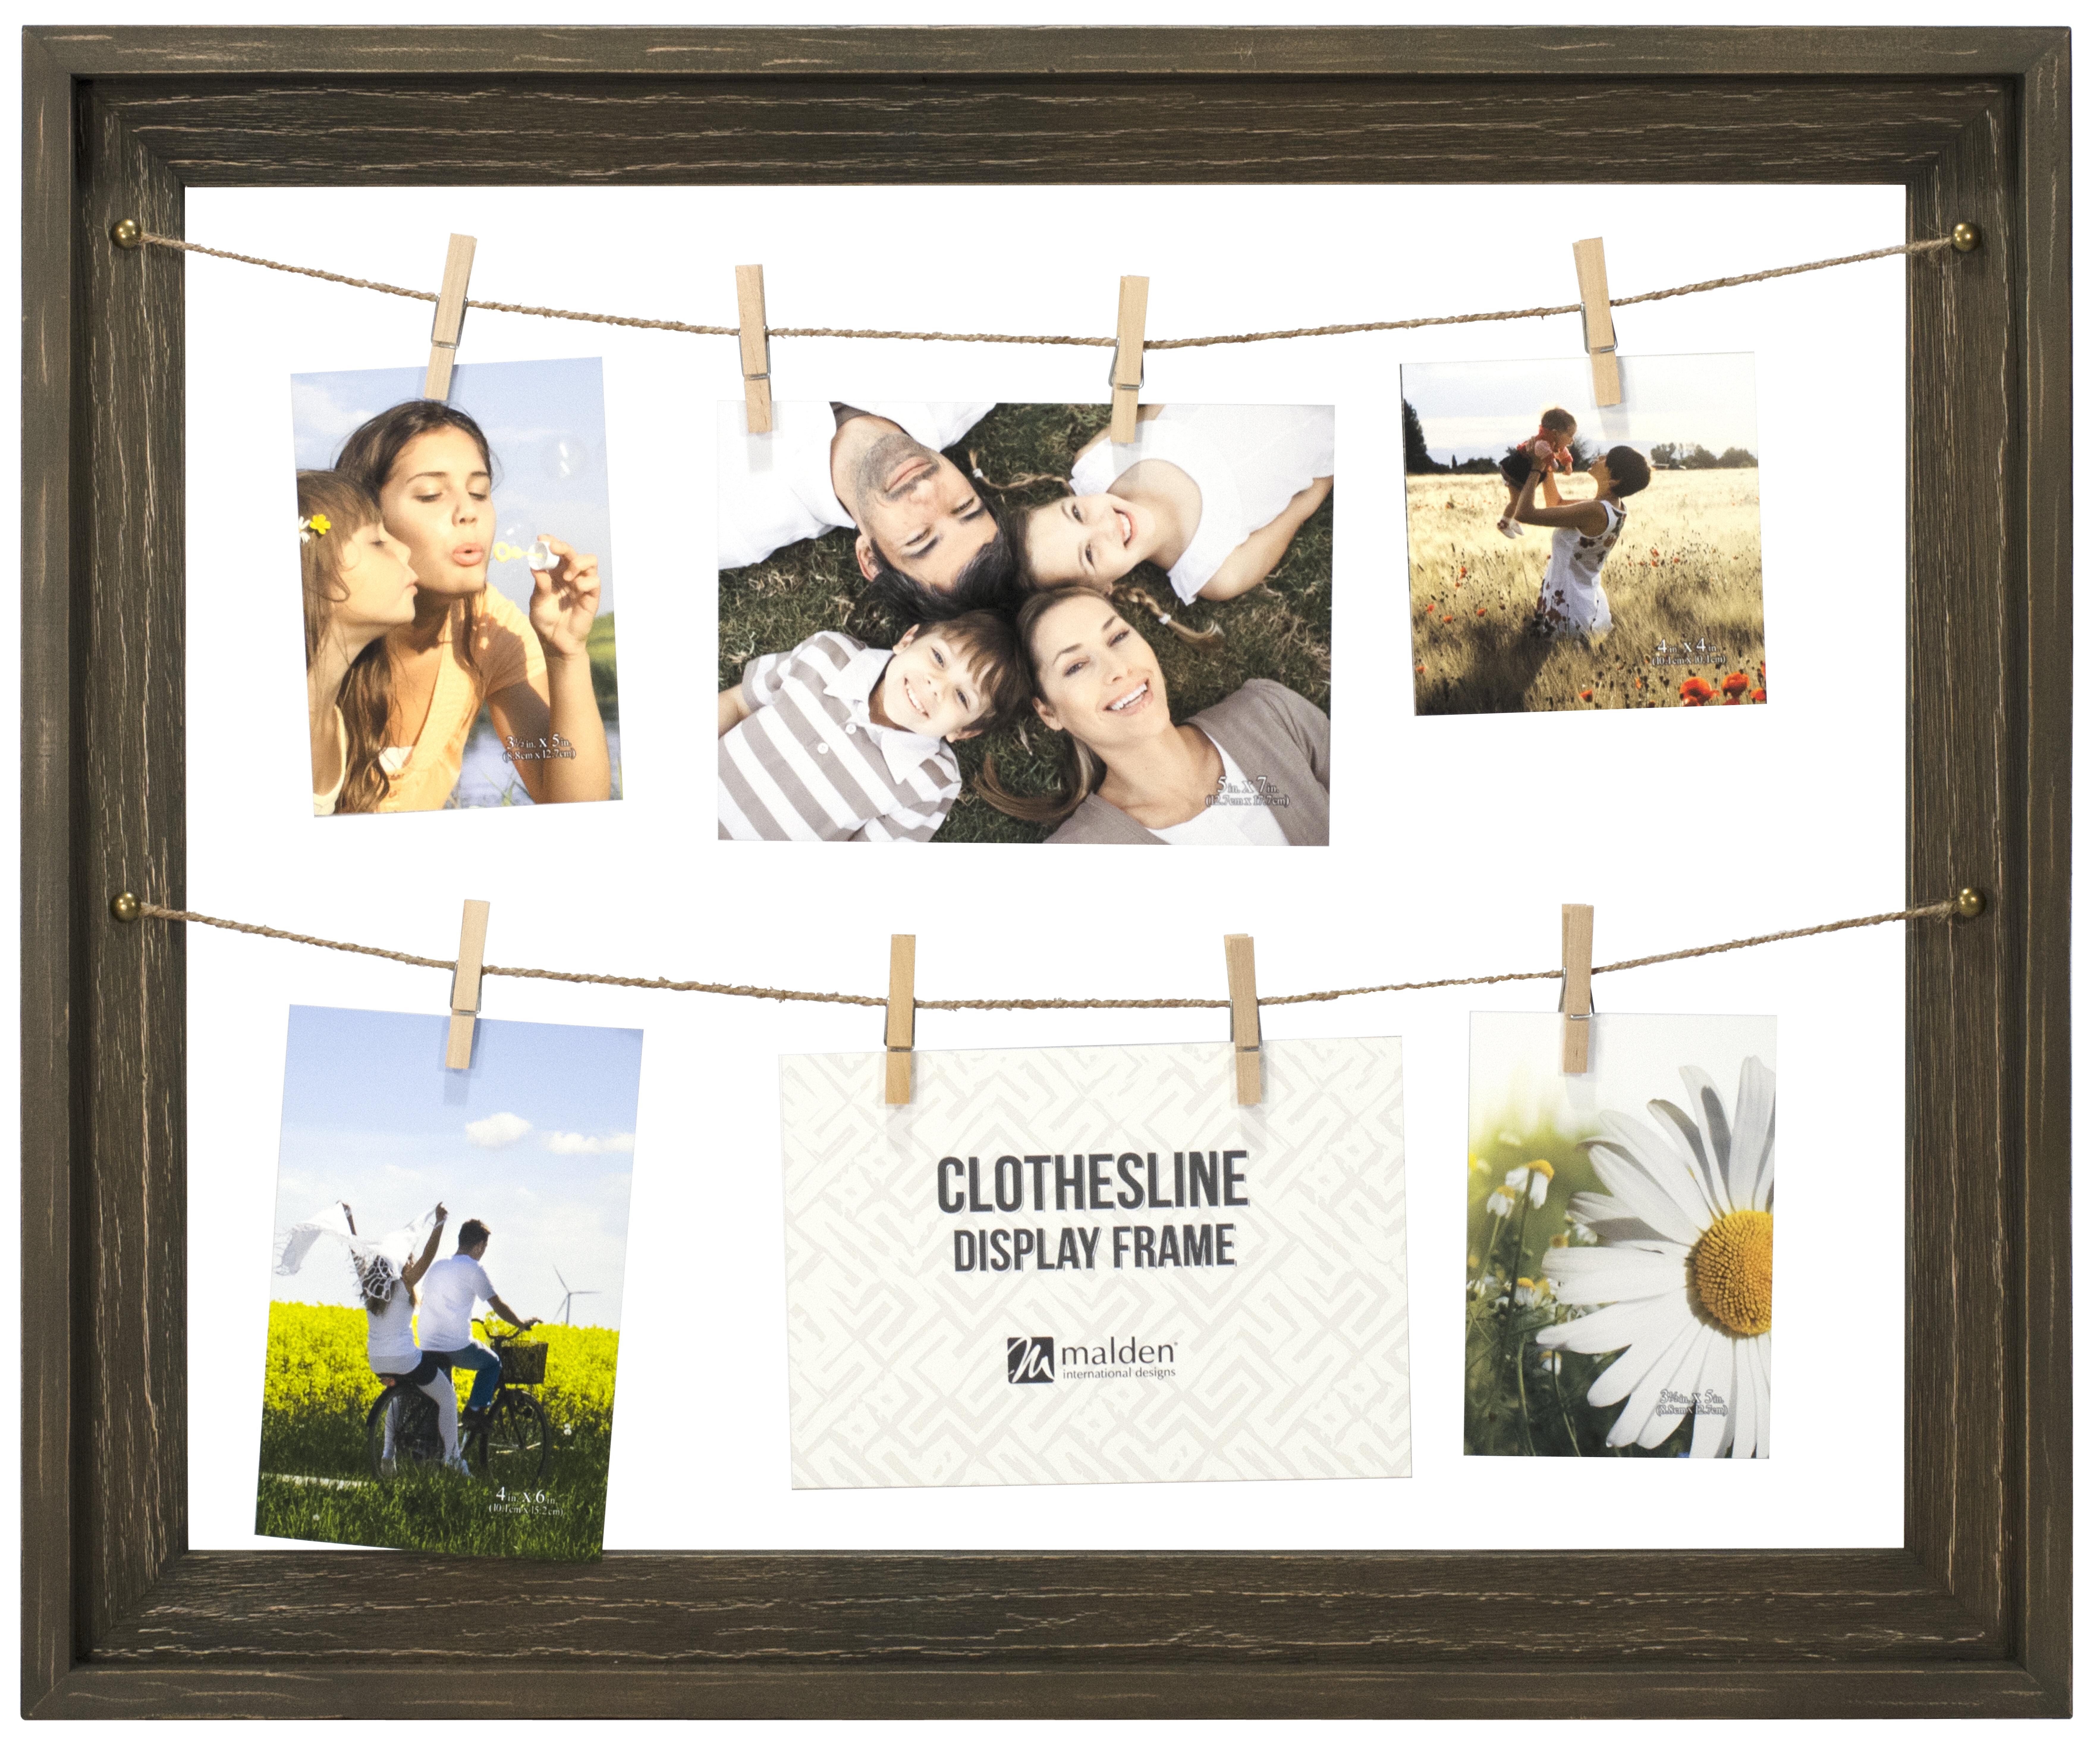 Loon Peak Shutesbury Rustic Clothesline Display Picture Frame   Wayfair